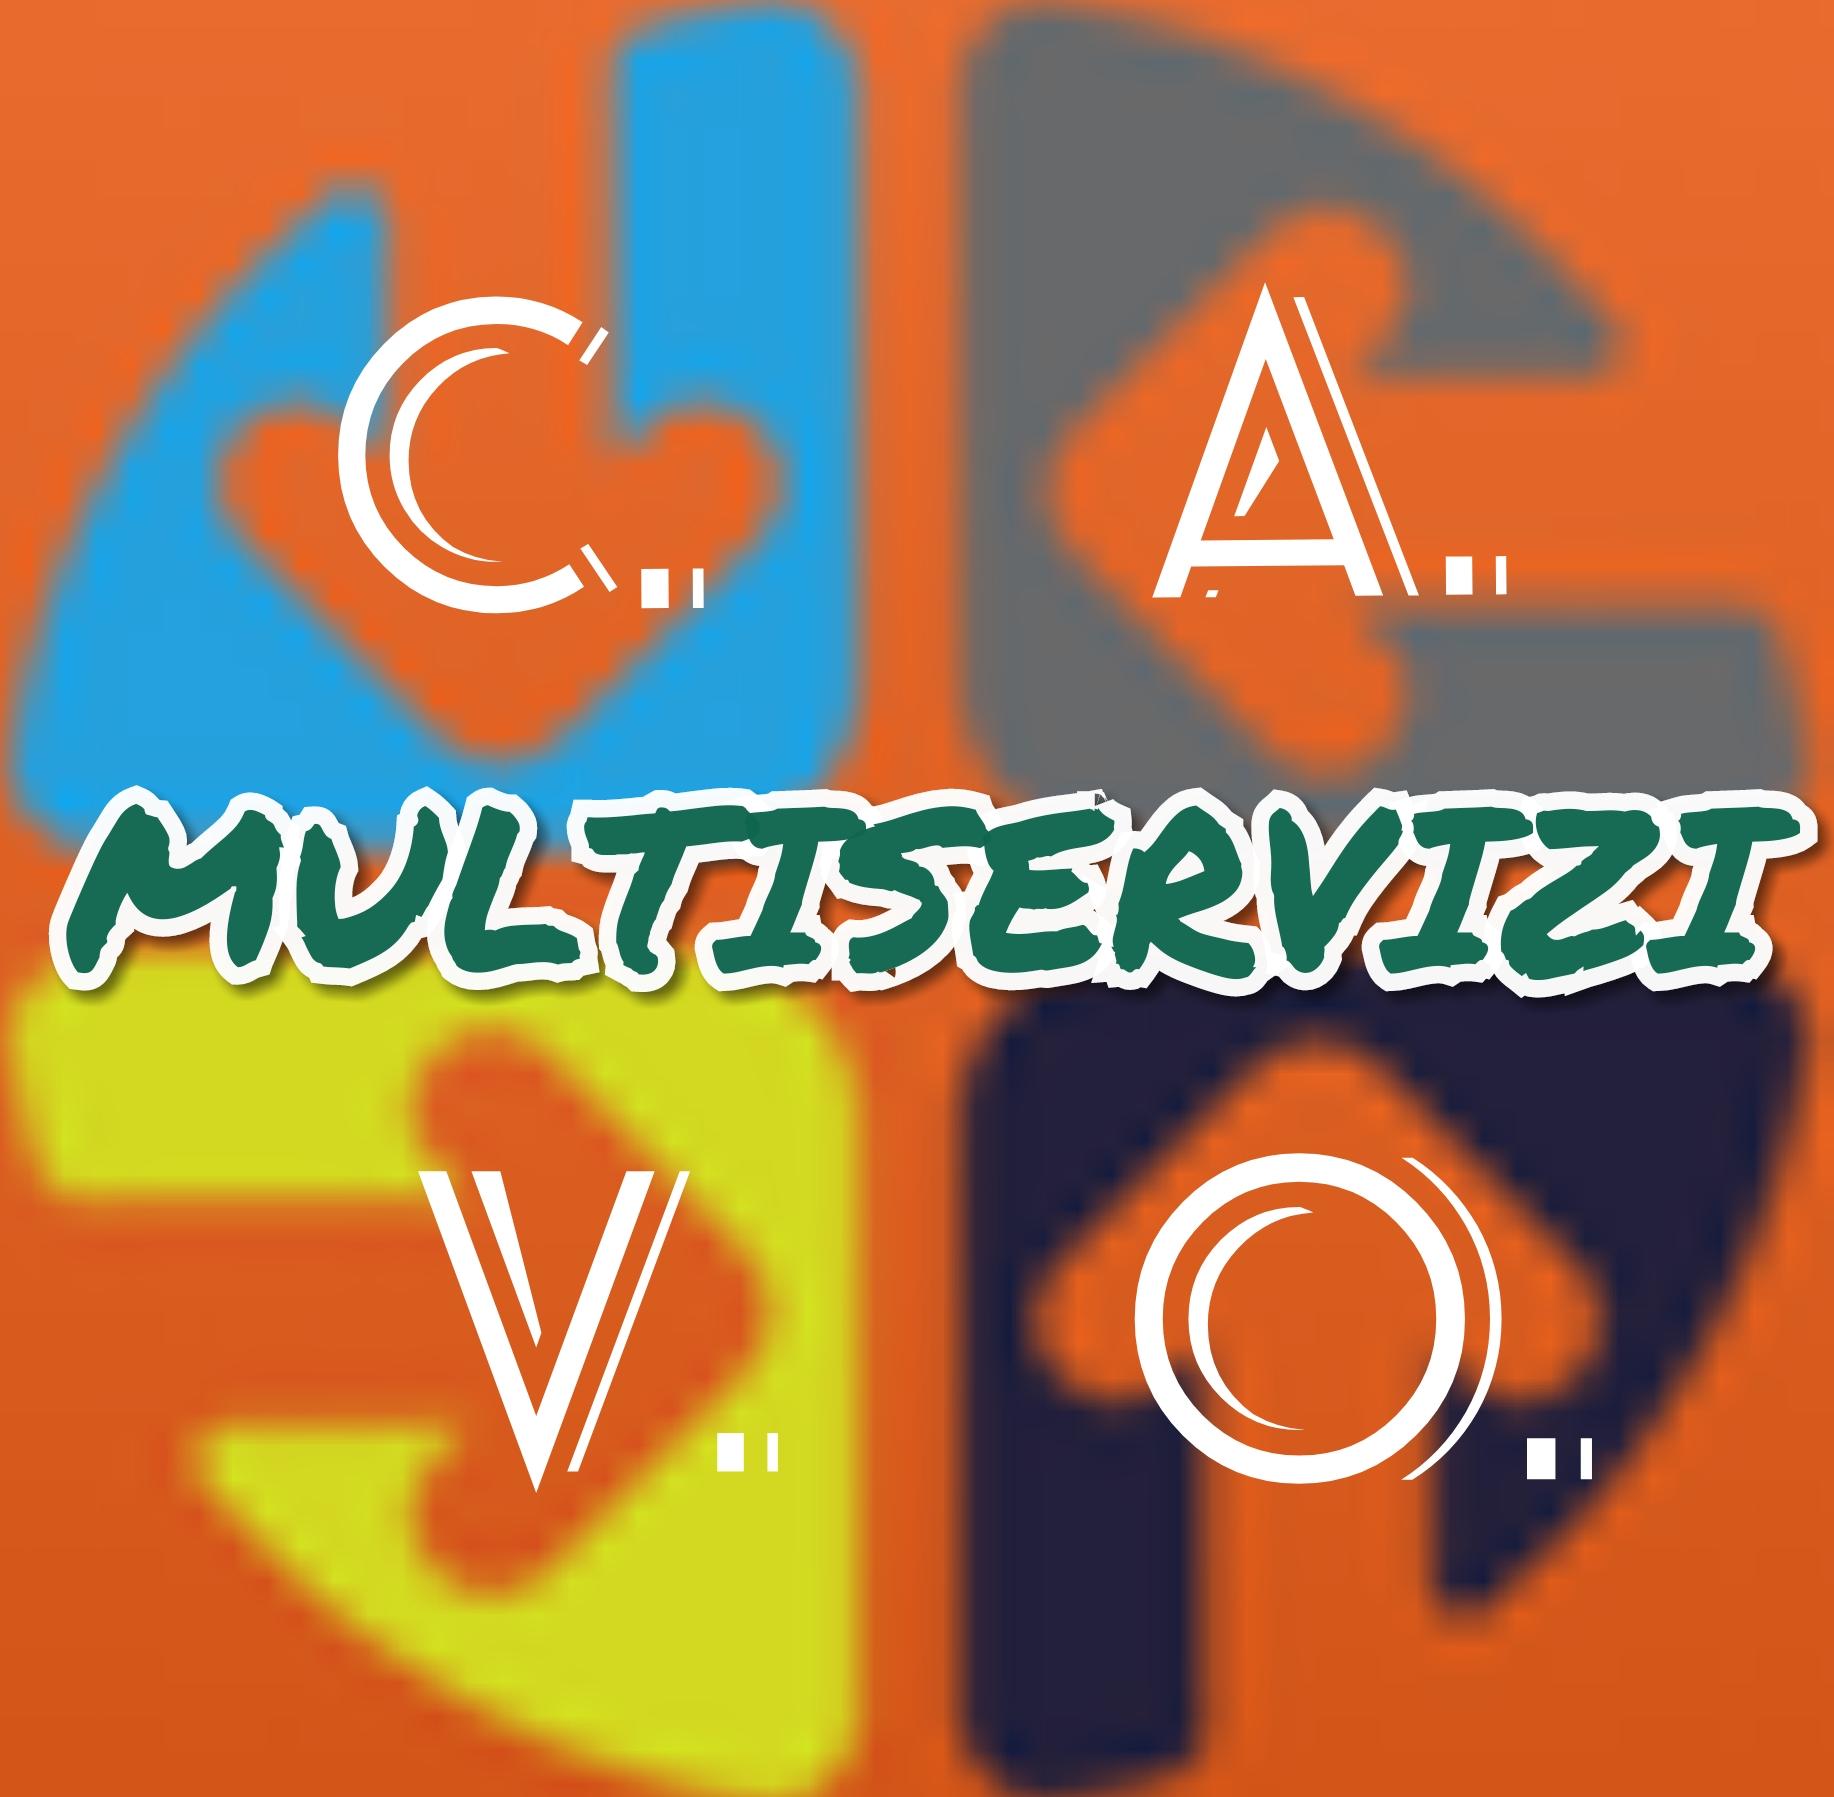 C.a.v.o. Multiservizi